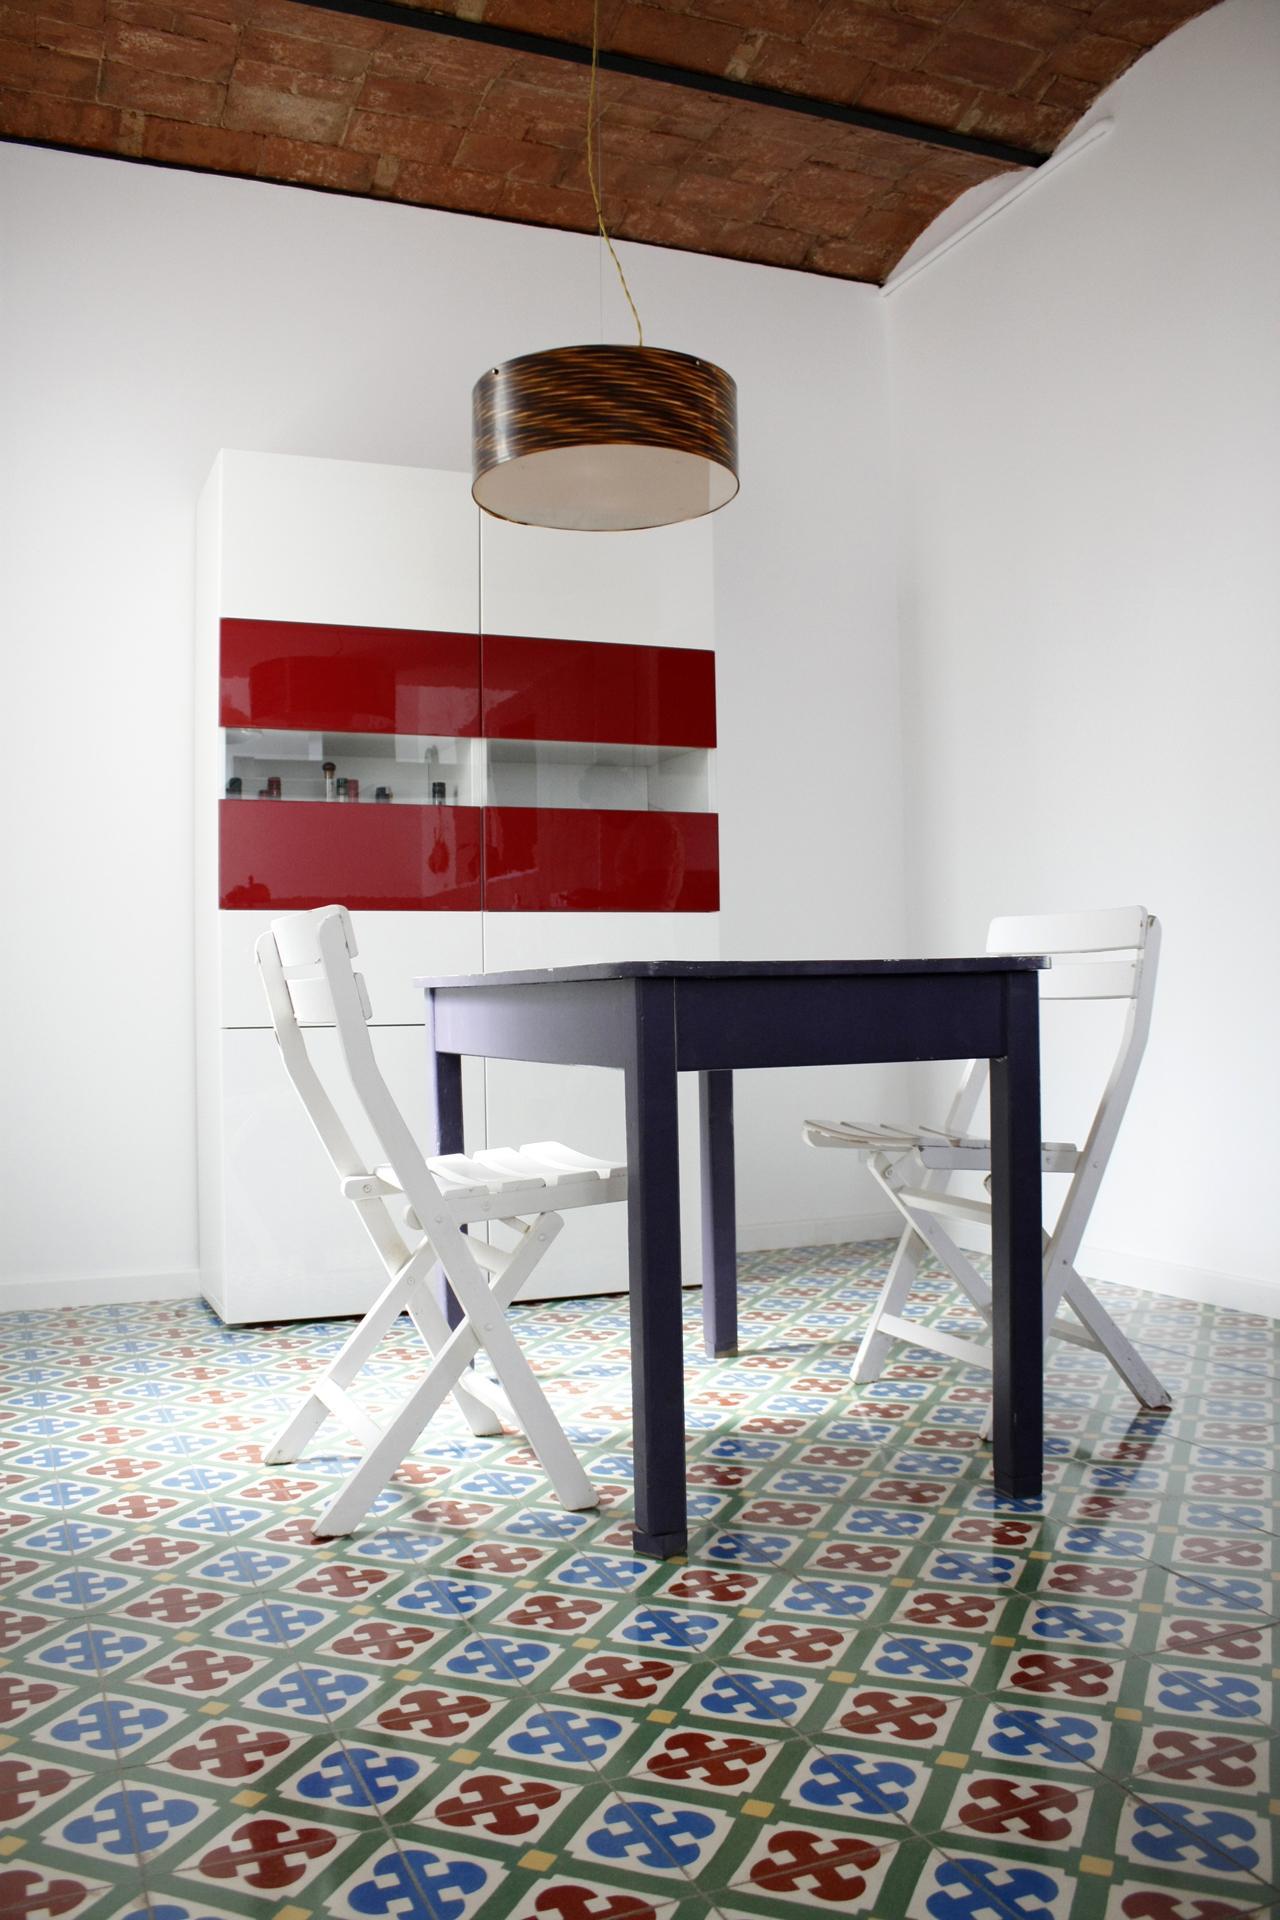 Esszimmer #stuhl #pendelleuchte #klappstuhl #weißerstuhl #tisch ©Victoria  Aragonés / Innenarchitektur